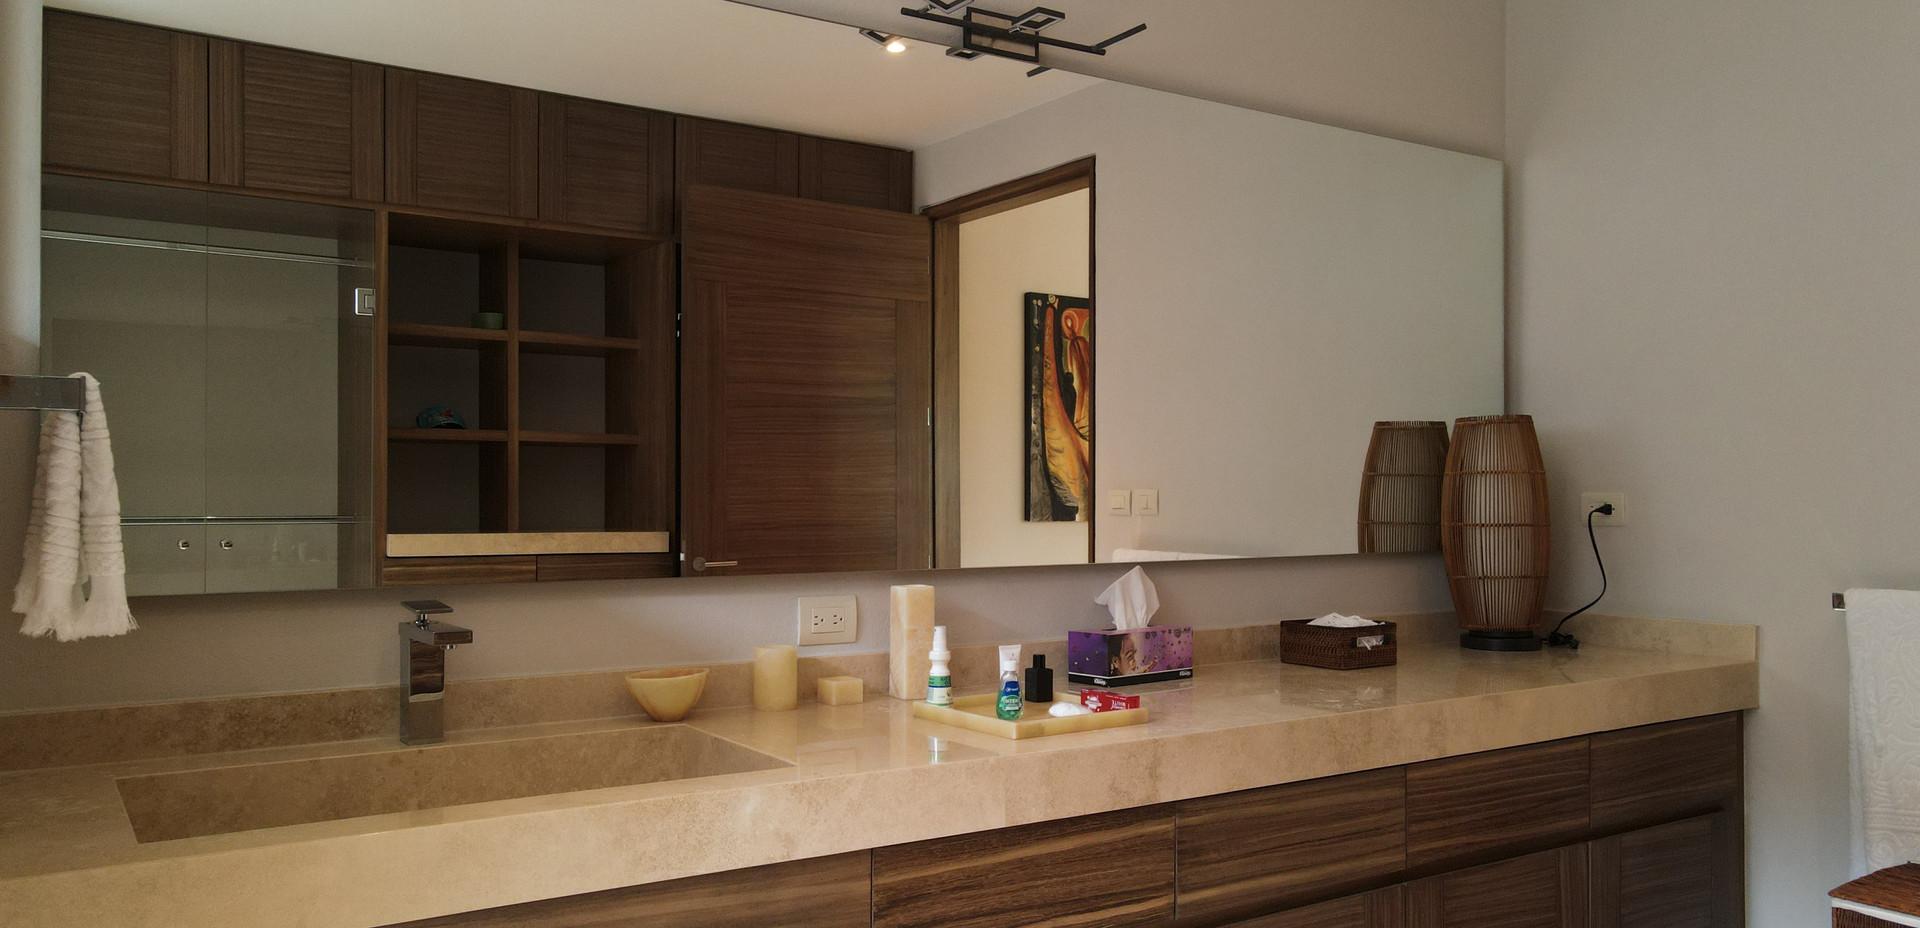 DM Arquitectos-Casa de la Vida 39.JPG